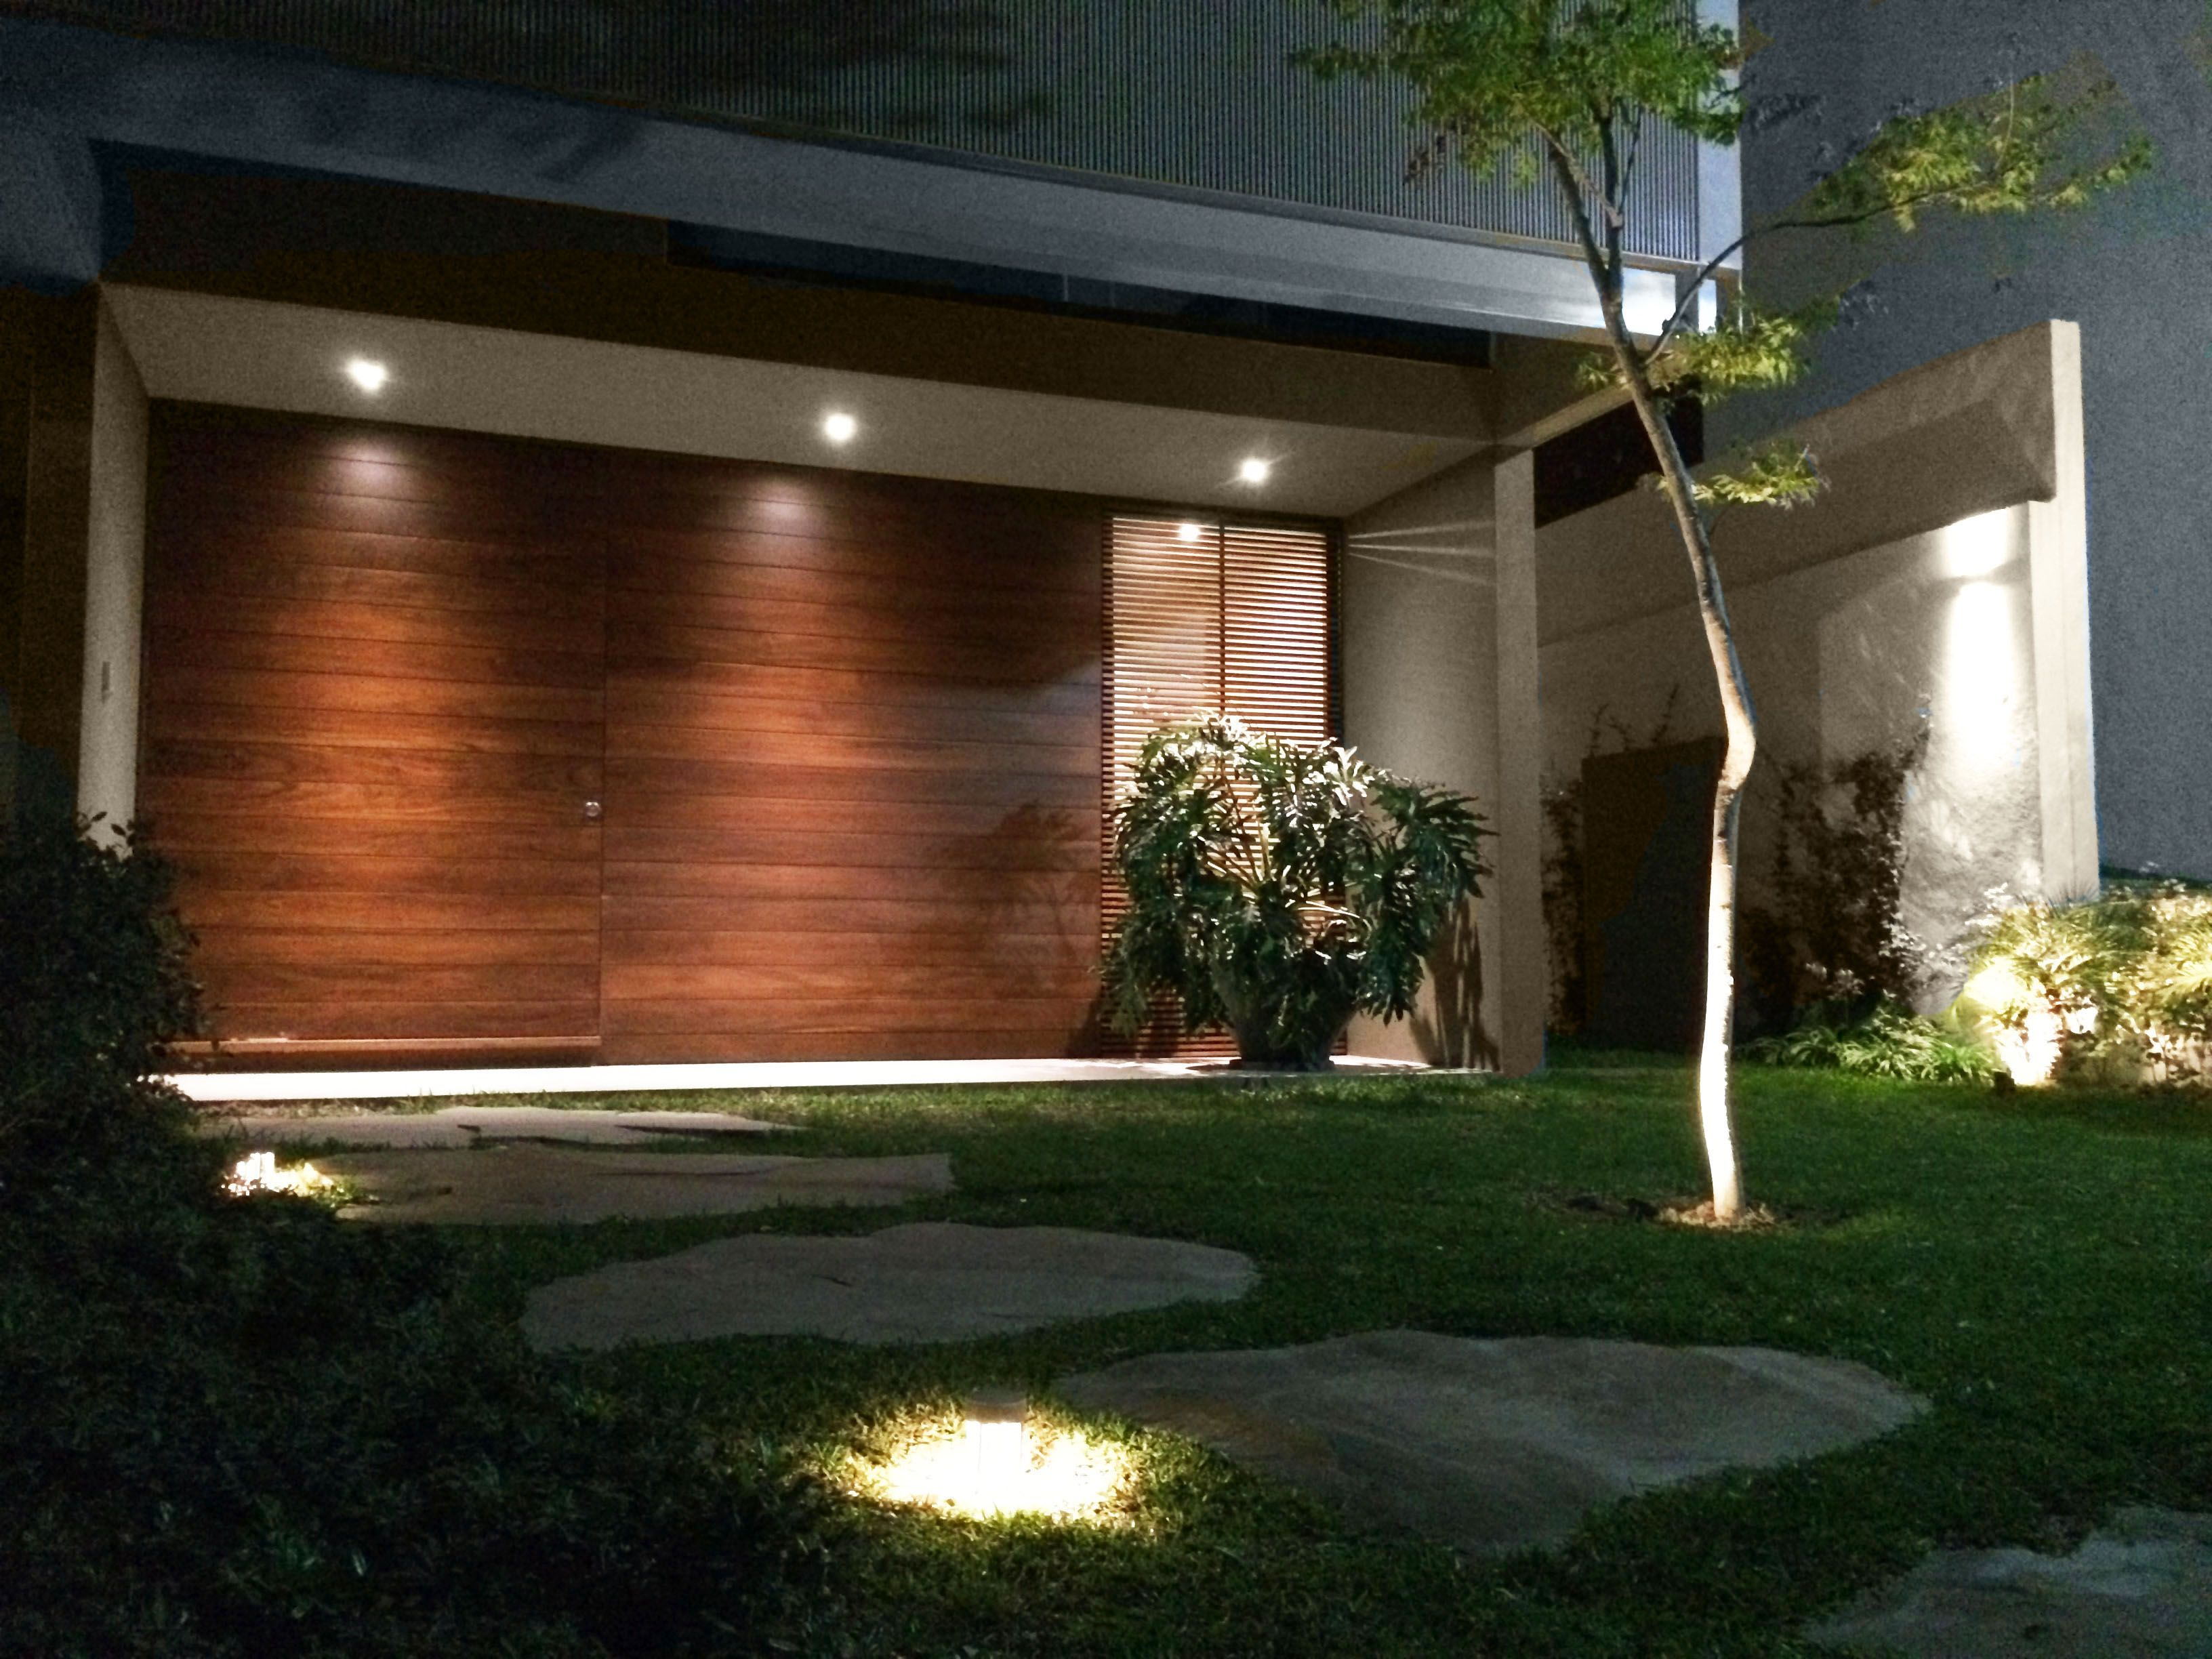 Iluminación de jardín #Elecva | Proyectos de Iluminación Elecva ...